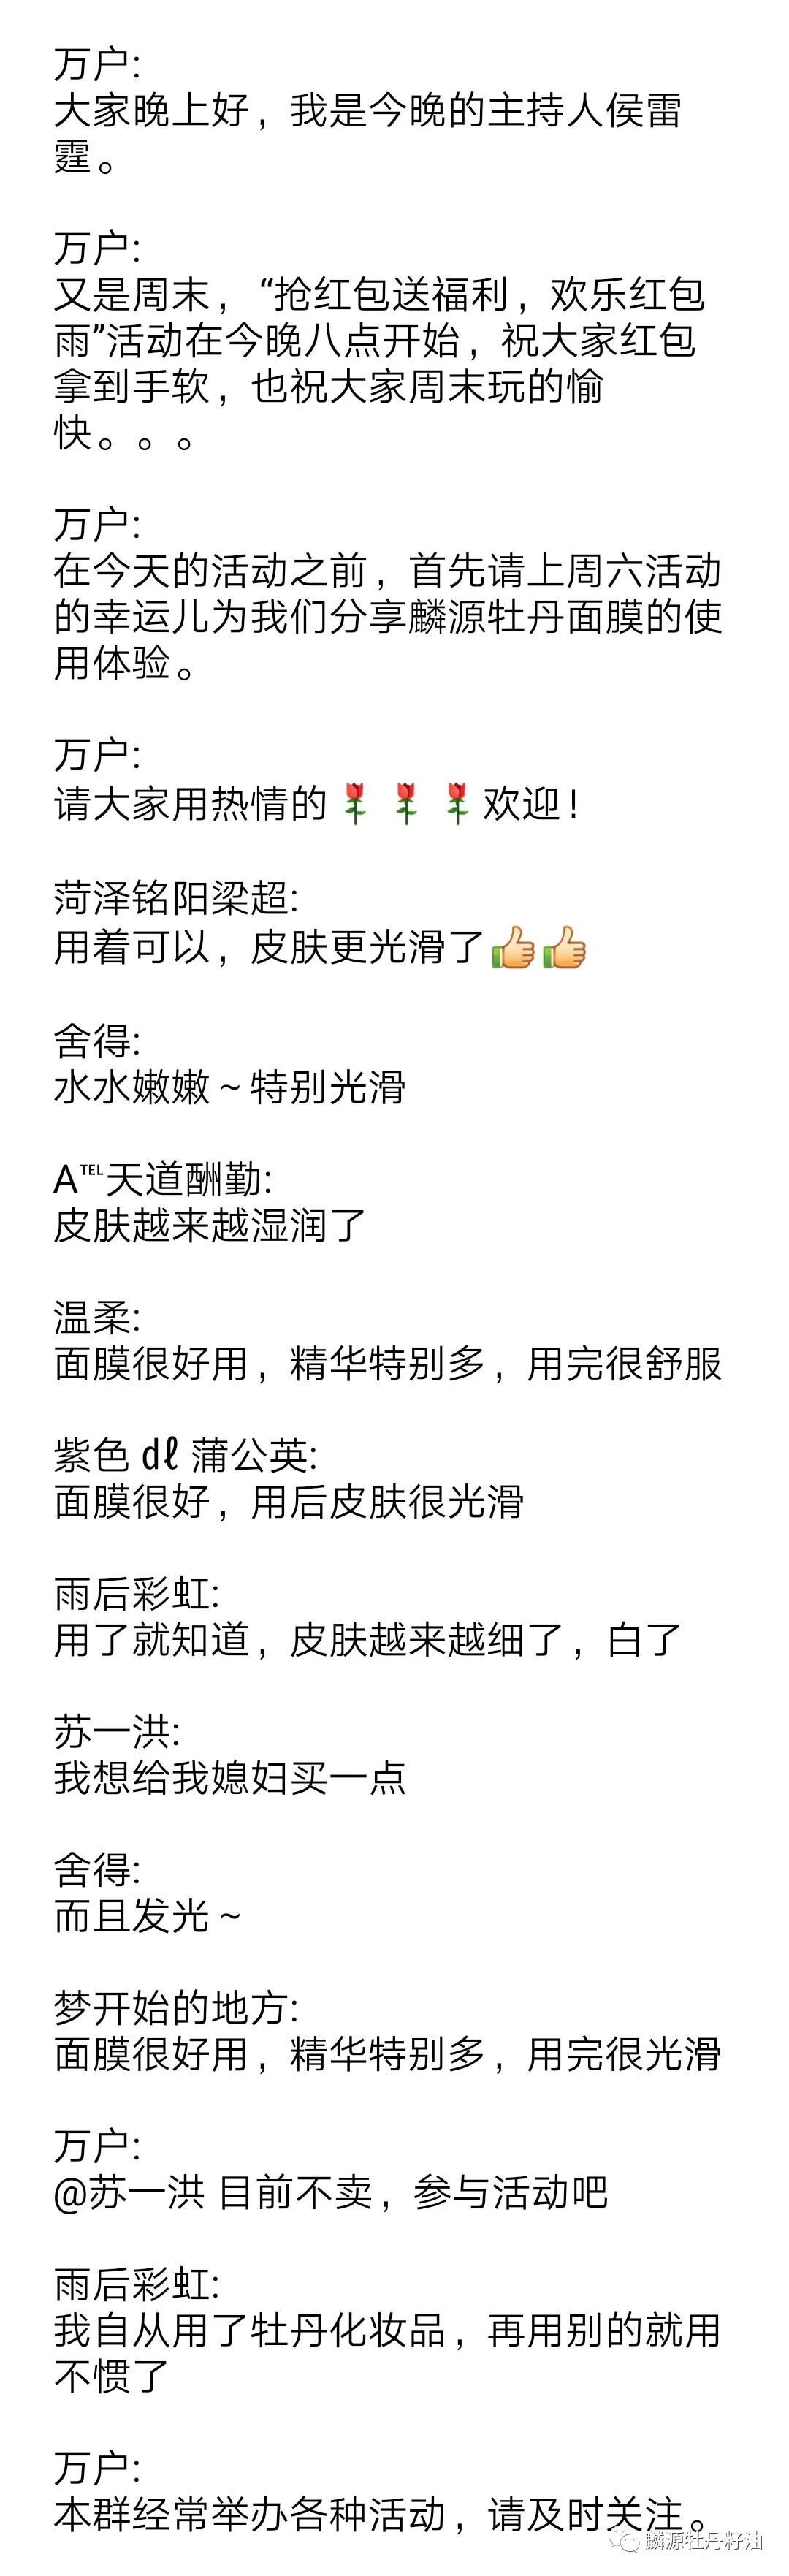 """麟源牡丹商学院11月24日成功举办""""抢红包送福利,欢乐红包雨""""运动"""